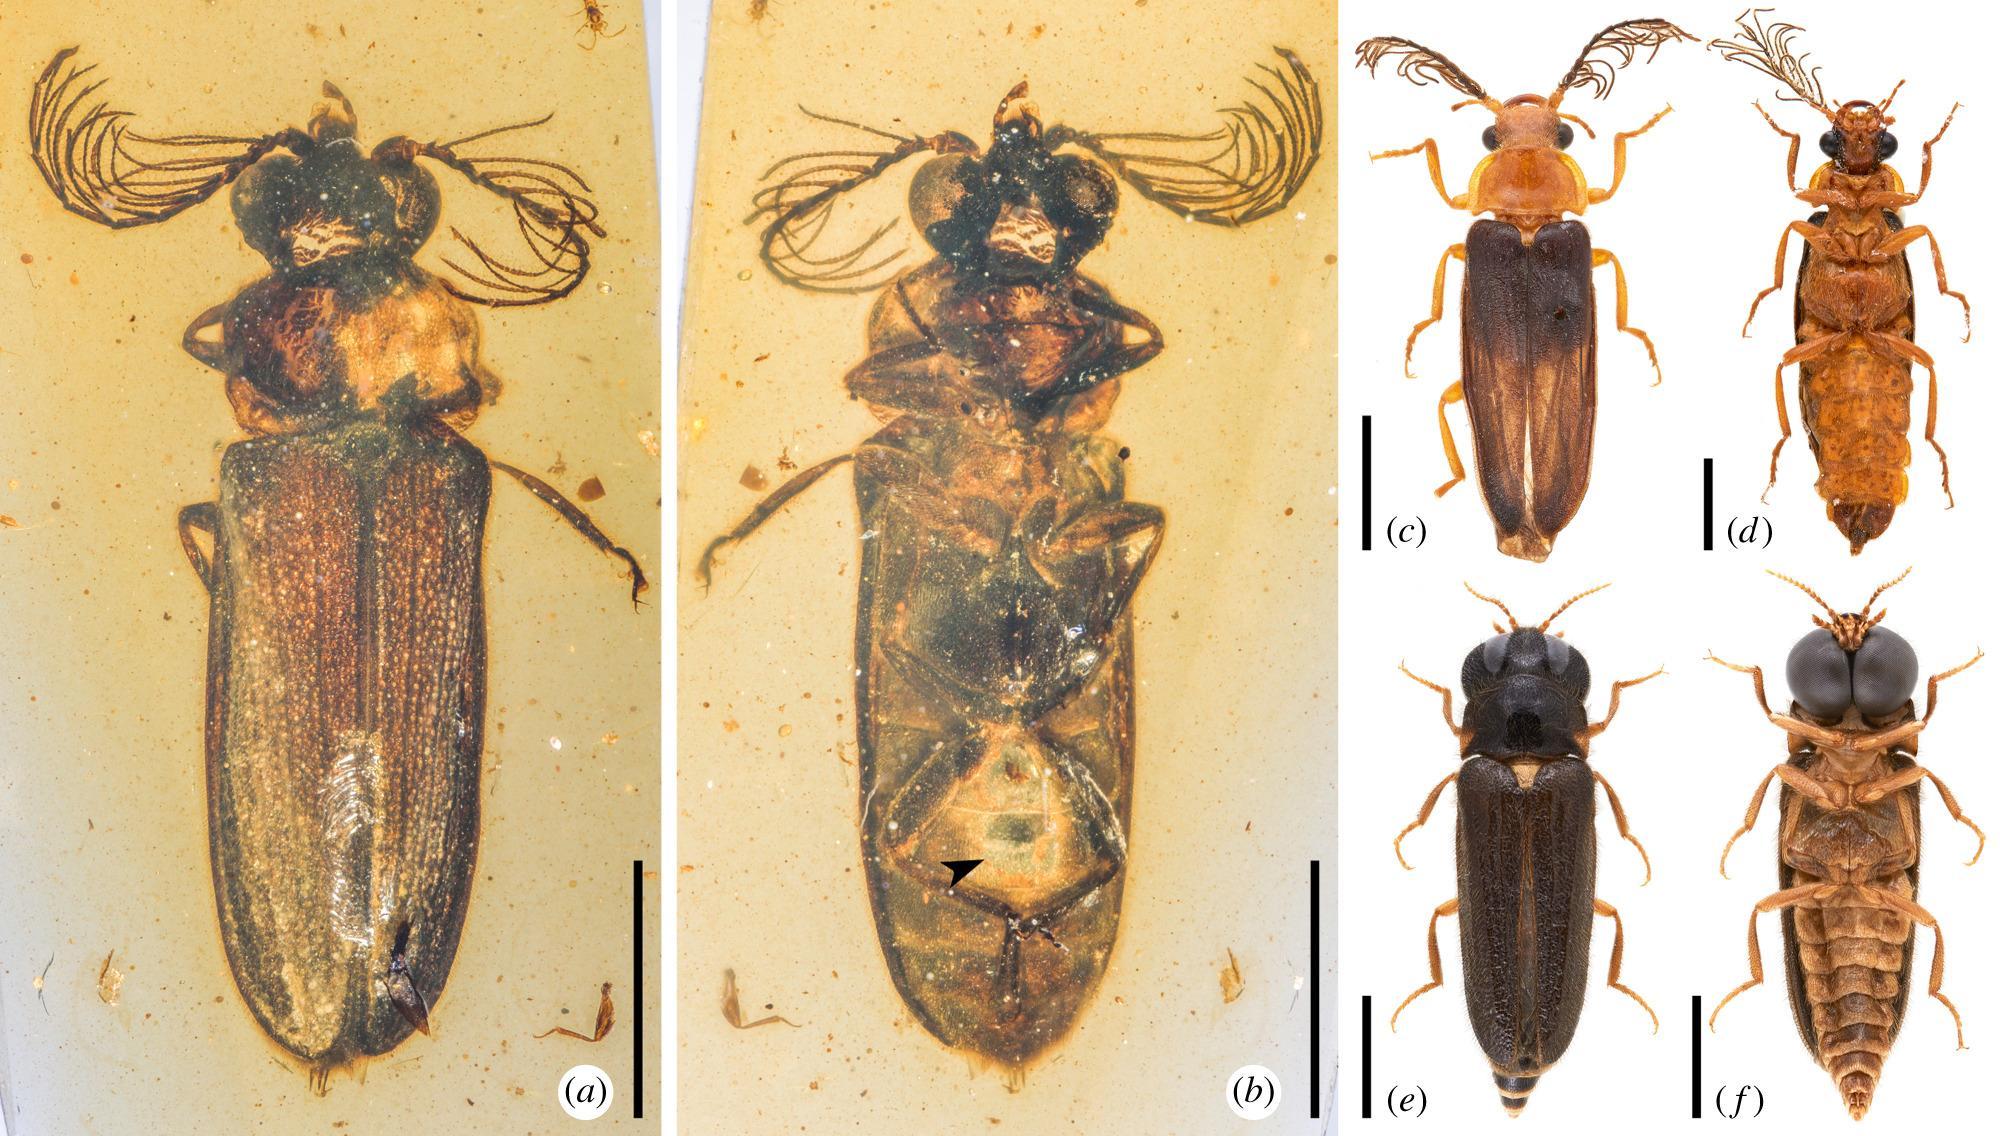 Светящиеся жуки появились уже 99 миллионов лет назад